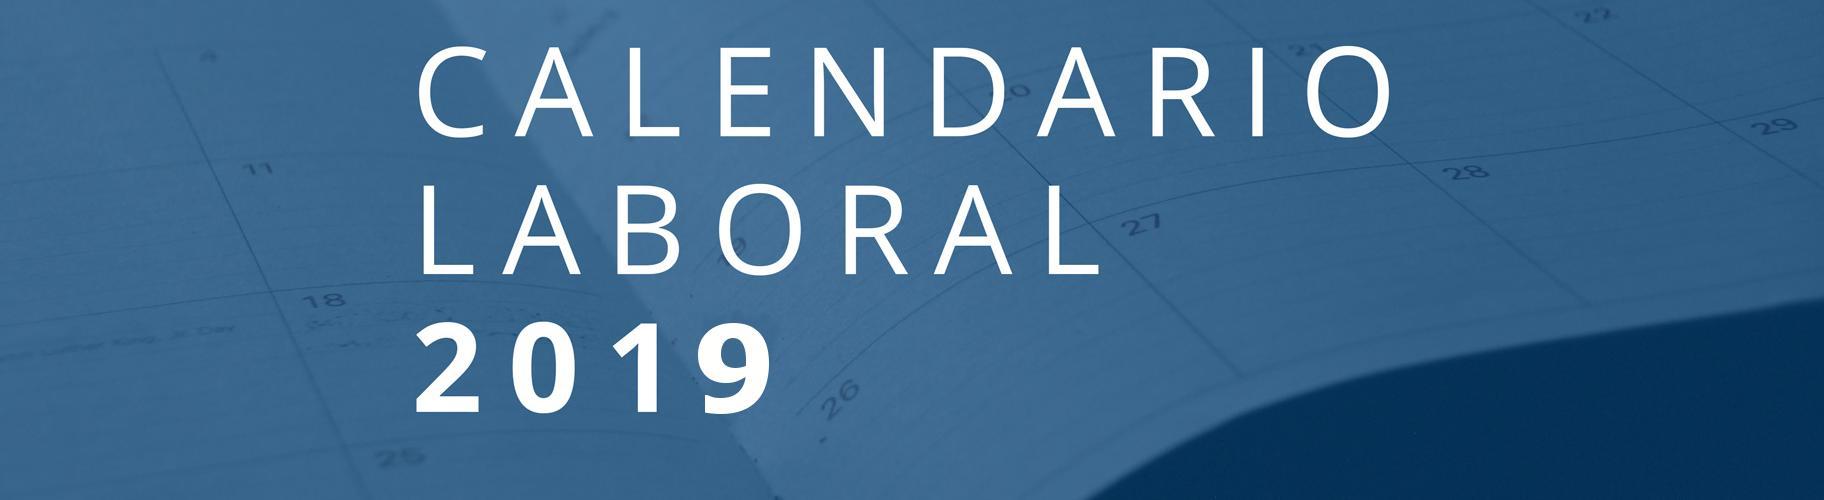 Calendario Laboral Ceuta 2019.Disponible Los Calendarios Laborales Para 2019